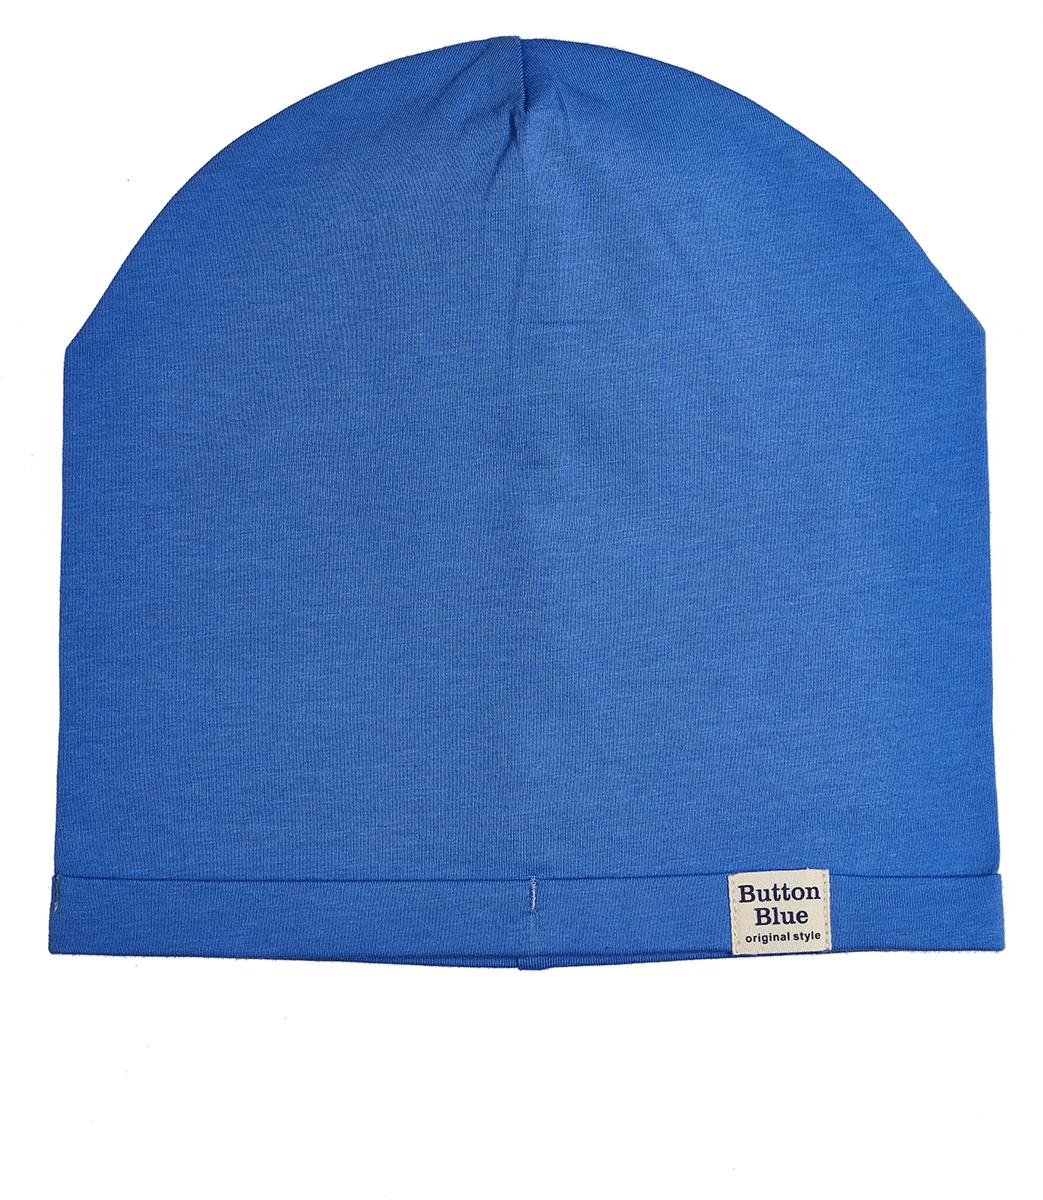 Шапка для мальчика Button Blue, цвет: синий. 118BBBX73013700. Размер 52118BBBX73013700Модная шапка из трикотажа - то что нужно, чтобы пополнить весенний гардероб ребенка. Если вы хотите недорого приобрести качественную и практичную вещь, можно купить шапку для мальчика от Button Blue, модель, отвечающую всем требованиям качества и стиля. Цвет шапки сочетается с различными цветовыми палитрами, модными в этом сезоне.